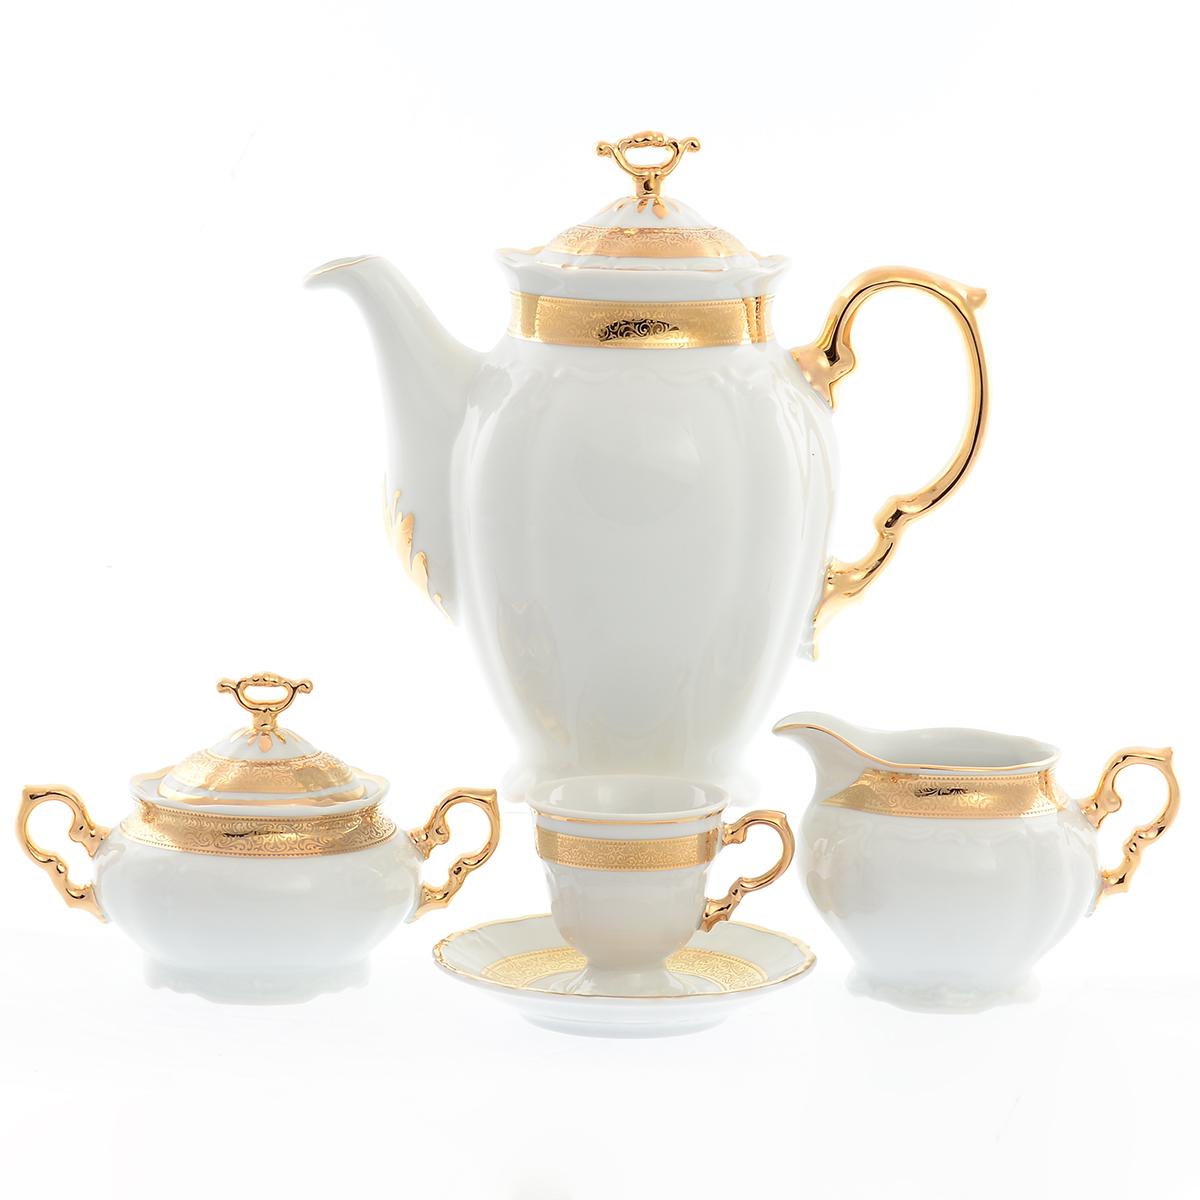 Кофейный сервиз Thun Мария Луиза золотая лента 6 персон 17 предметов